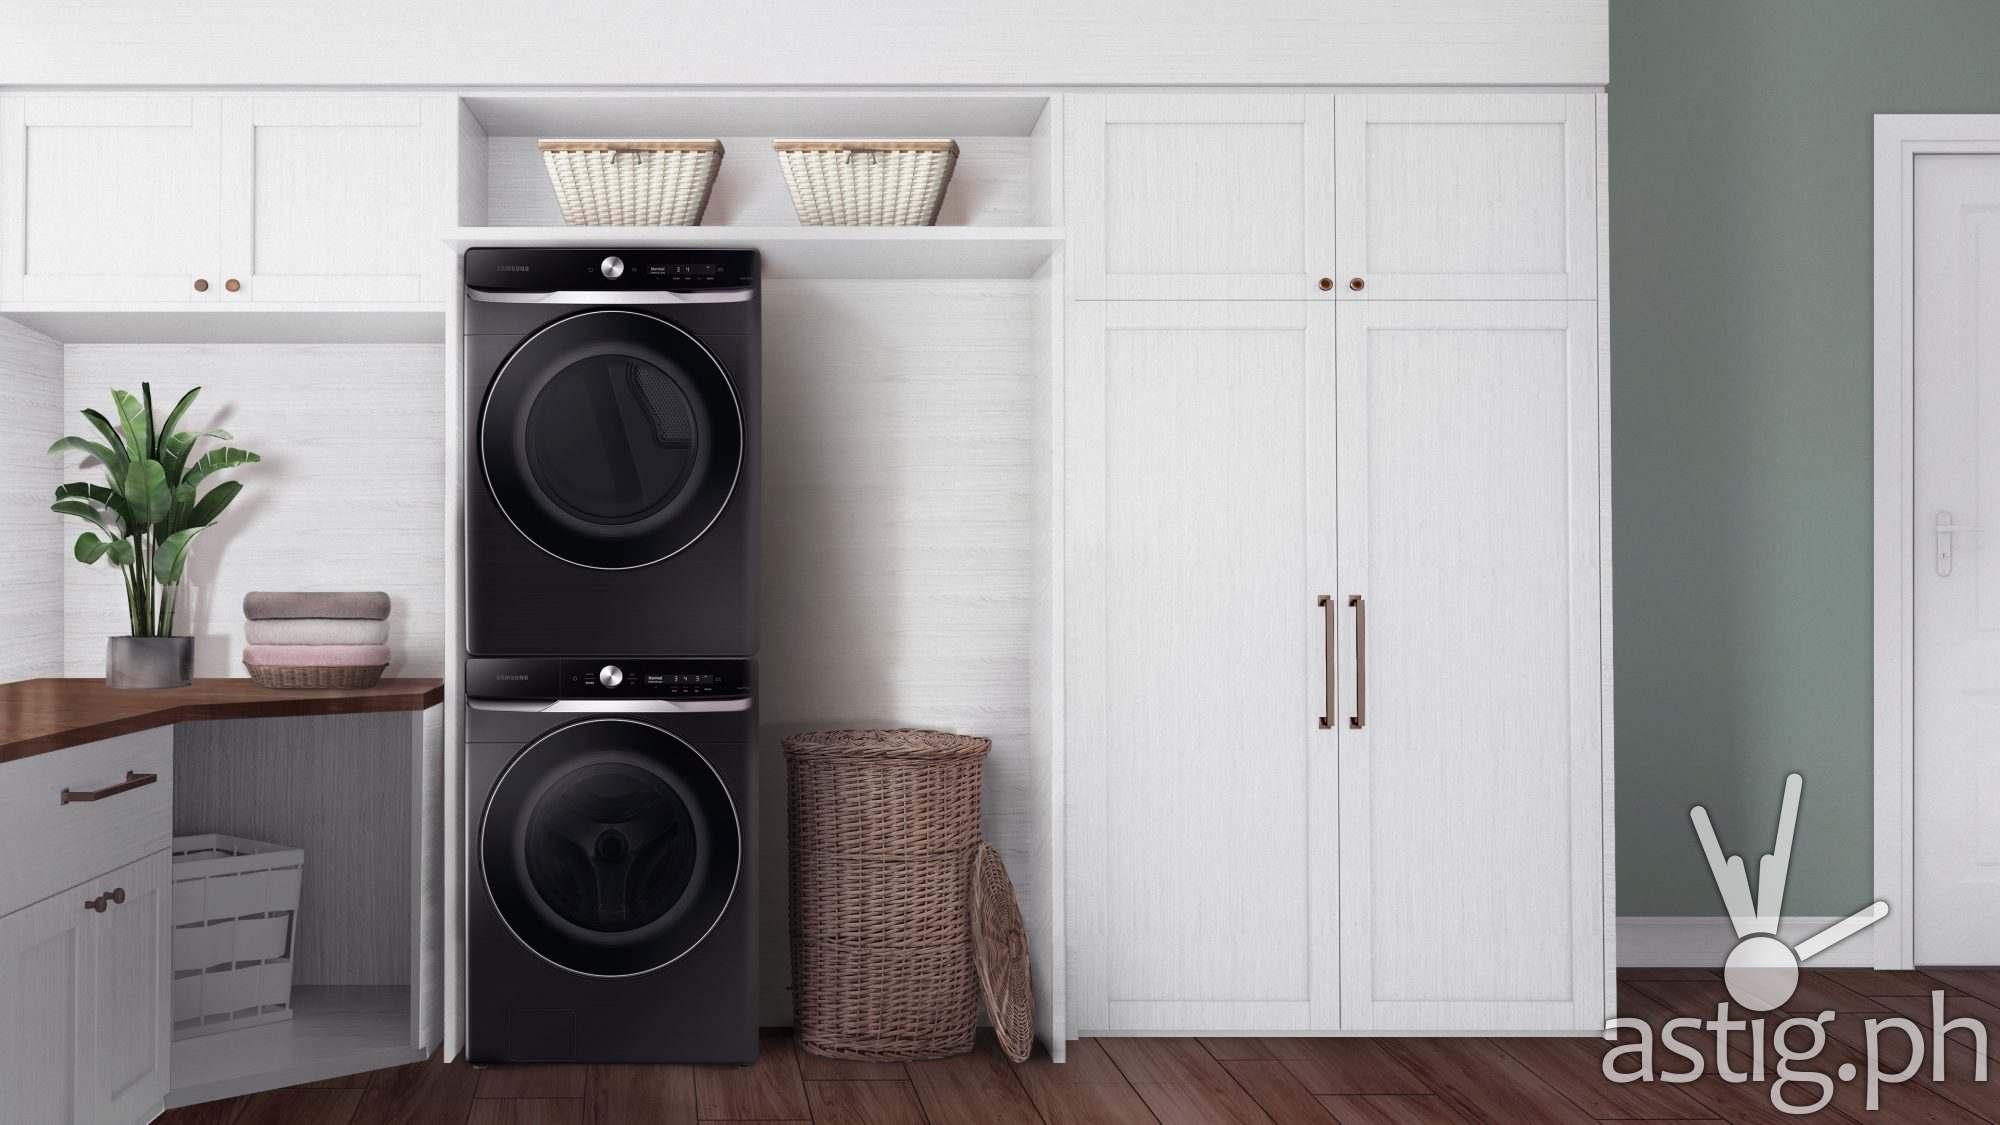 Samsung Washer Dryer Pair - CES 2021